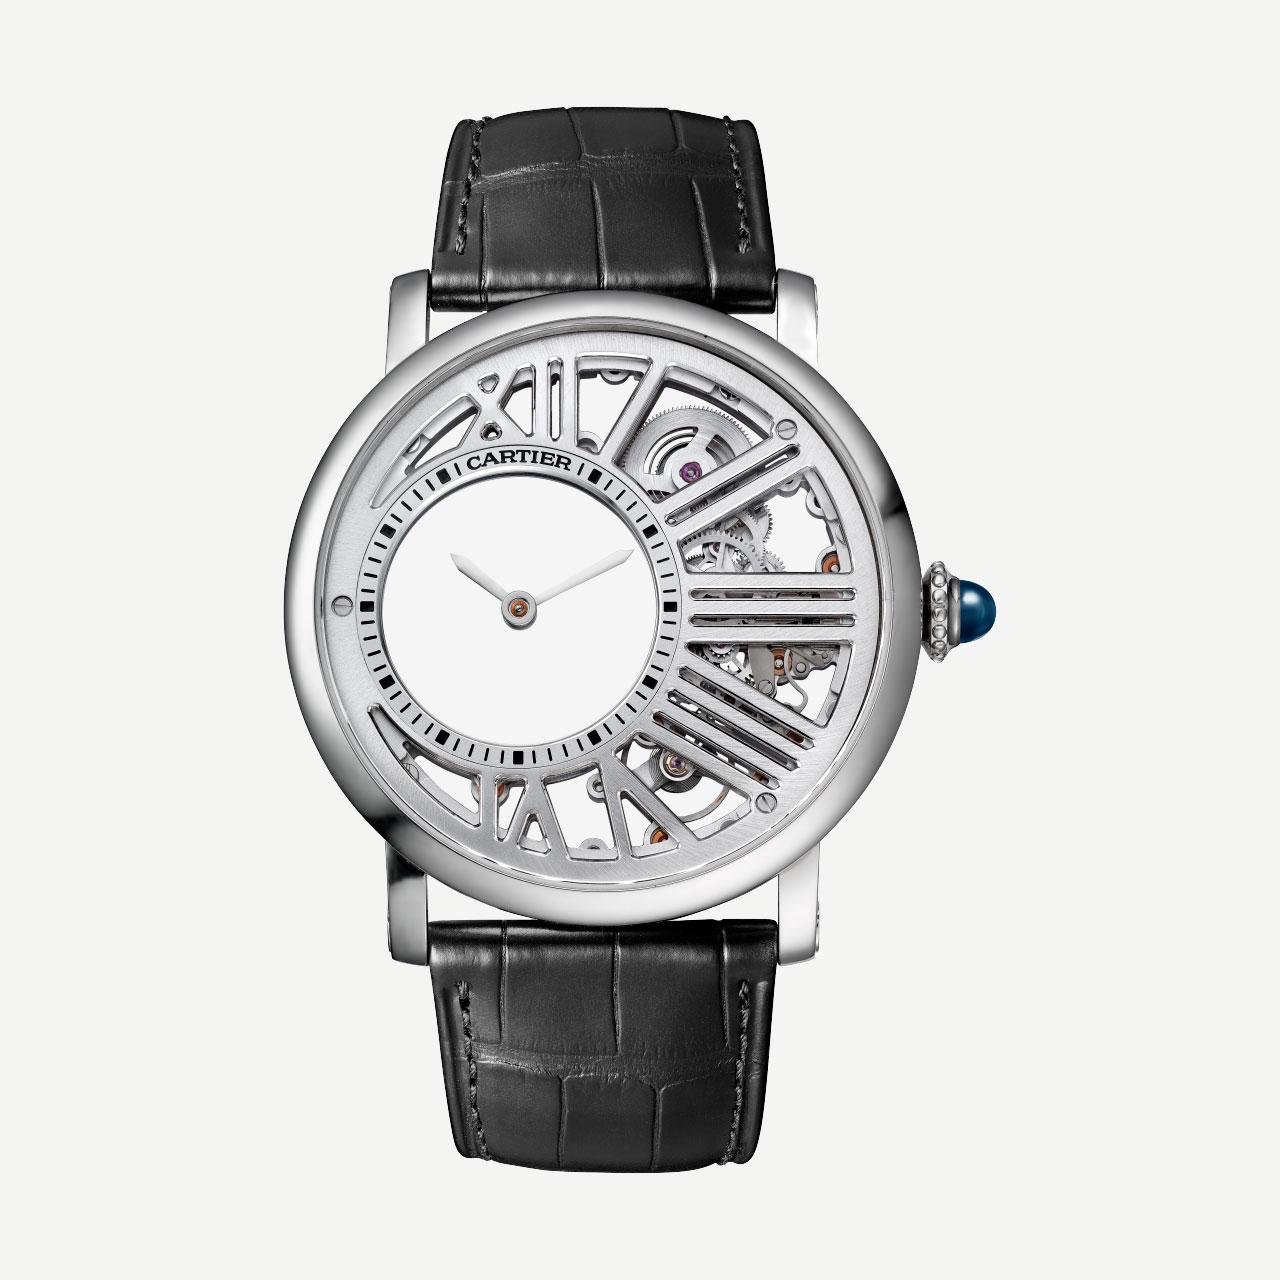 Replica Cartier Rotonde de Cartier Minute Repeater Mysterious Watch